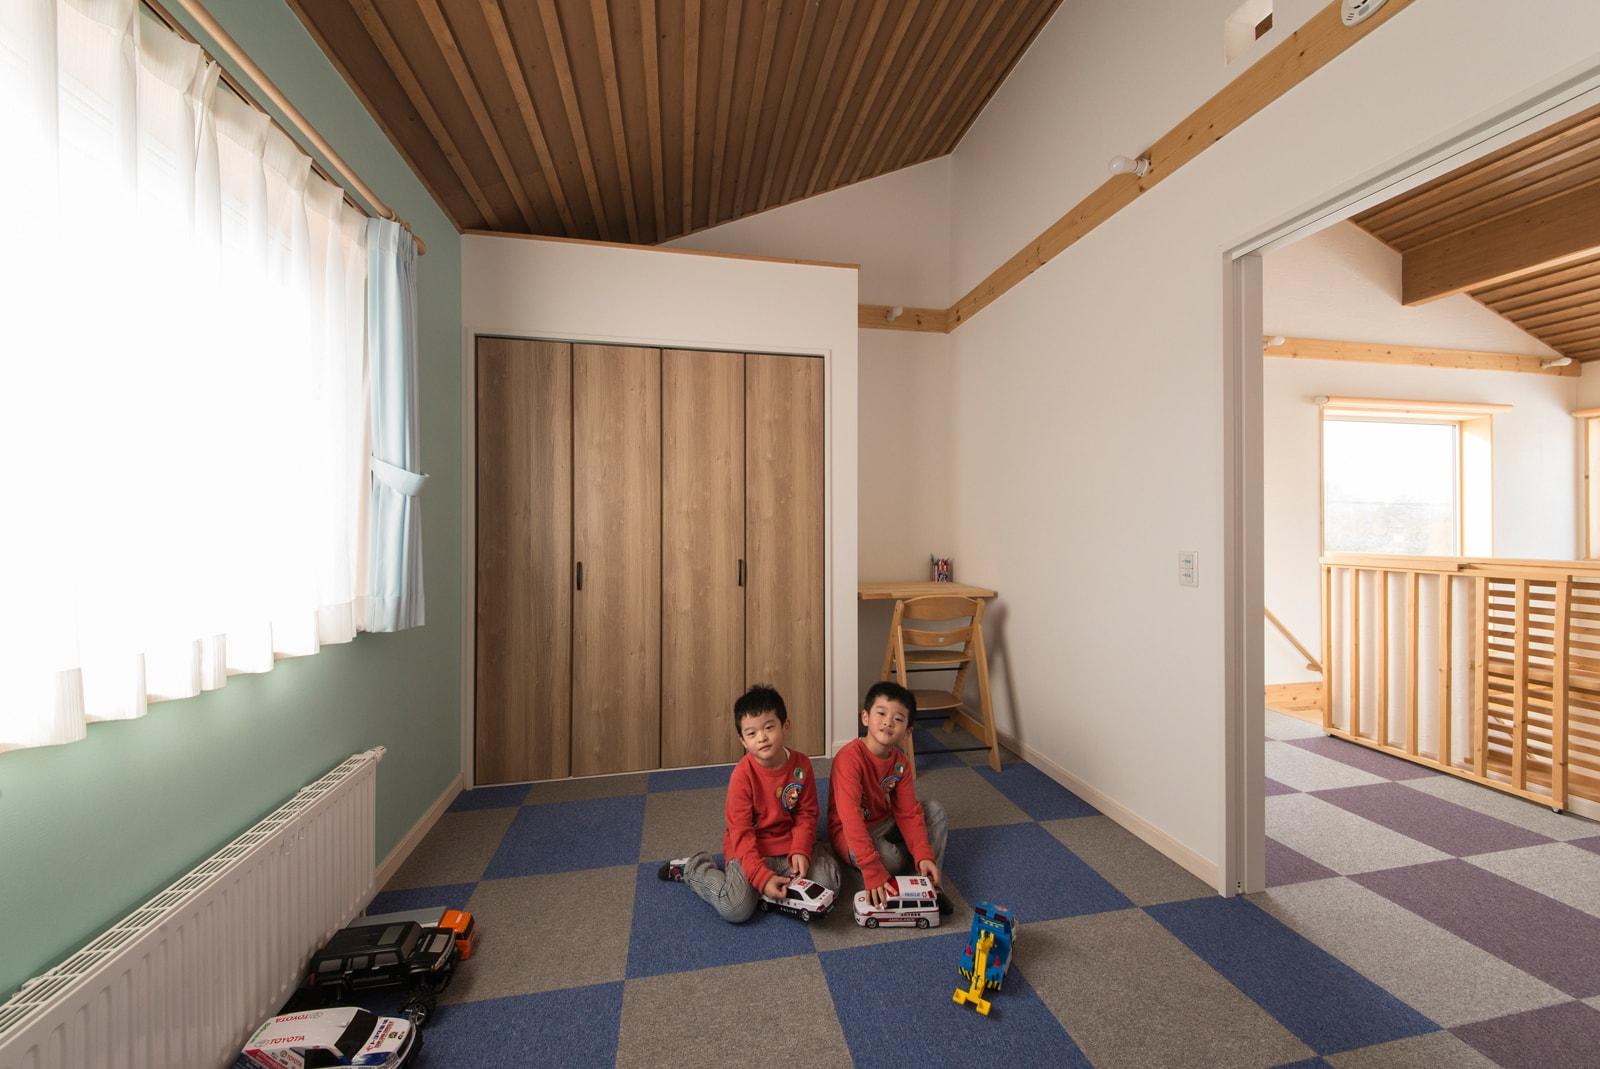 子どもが怪我せず遊べるよう、部屋と2階廊下の床はタイルカーペット仕上げに